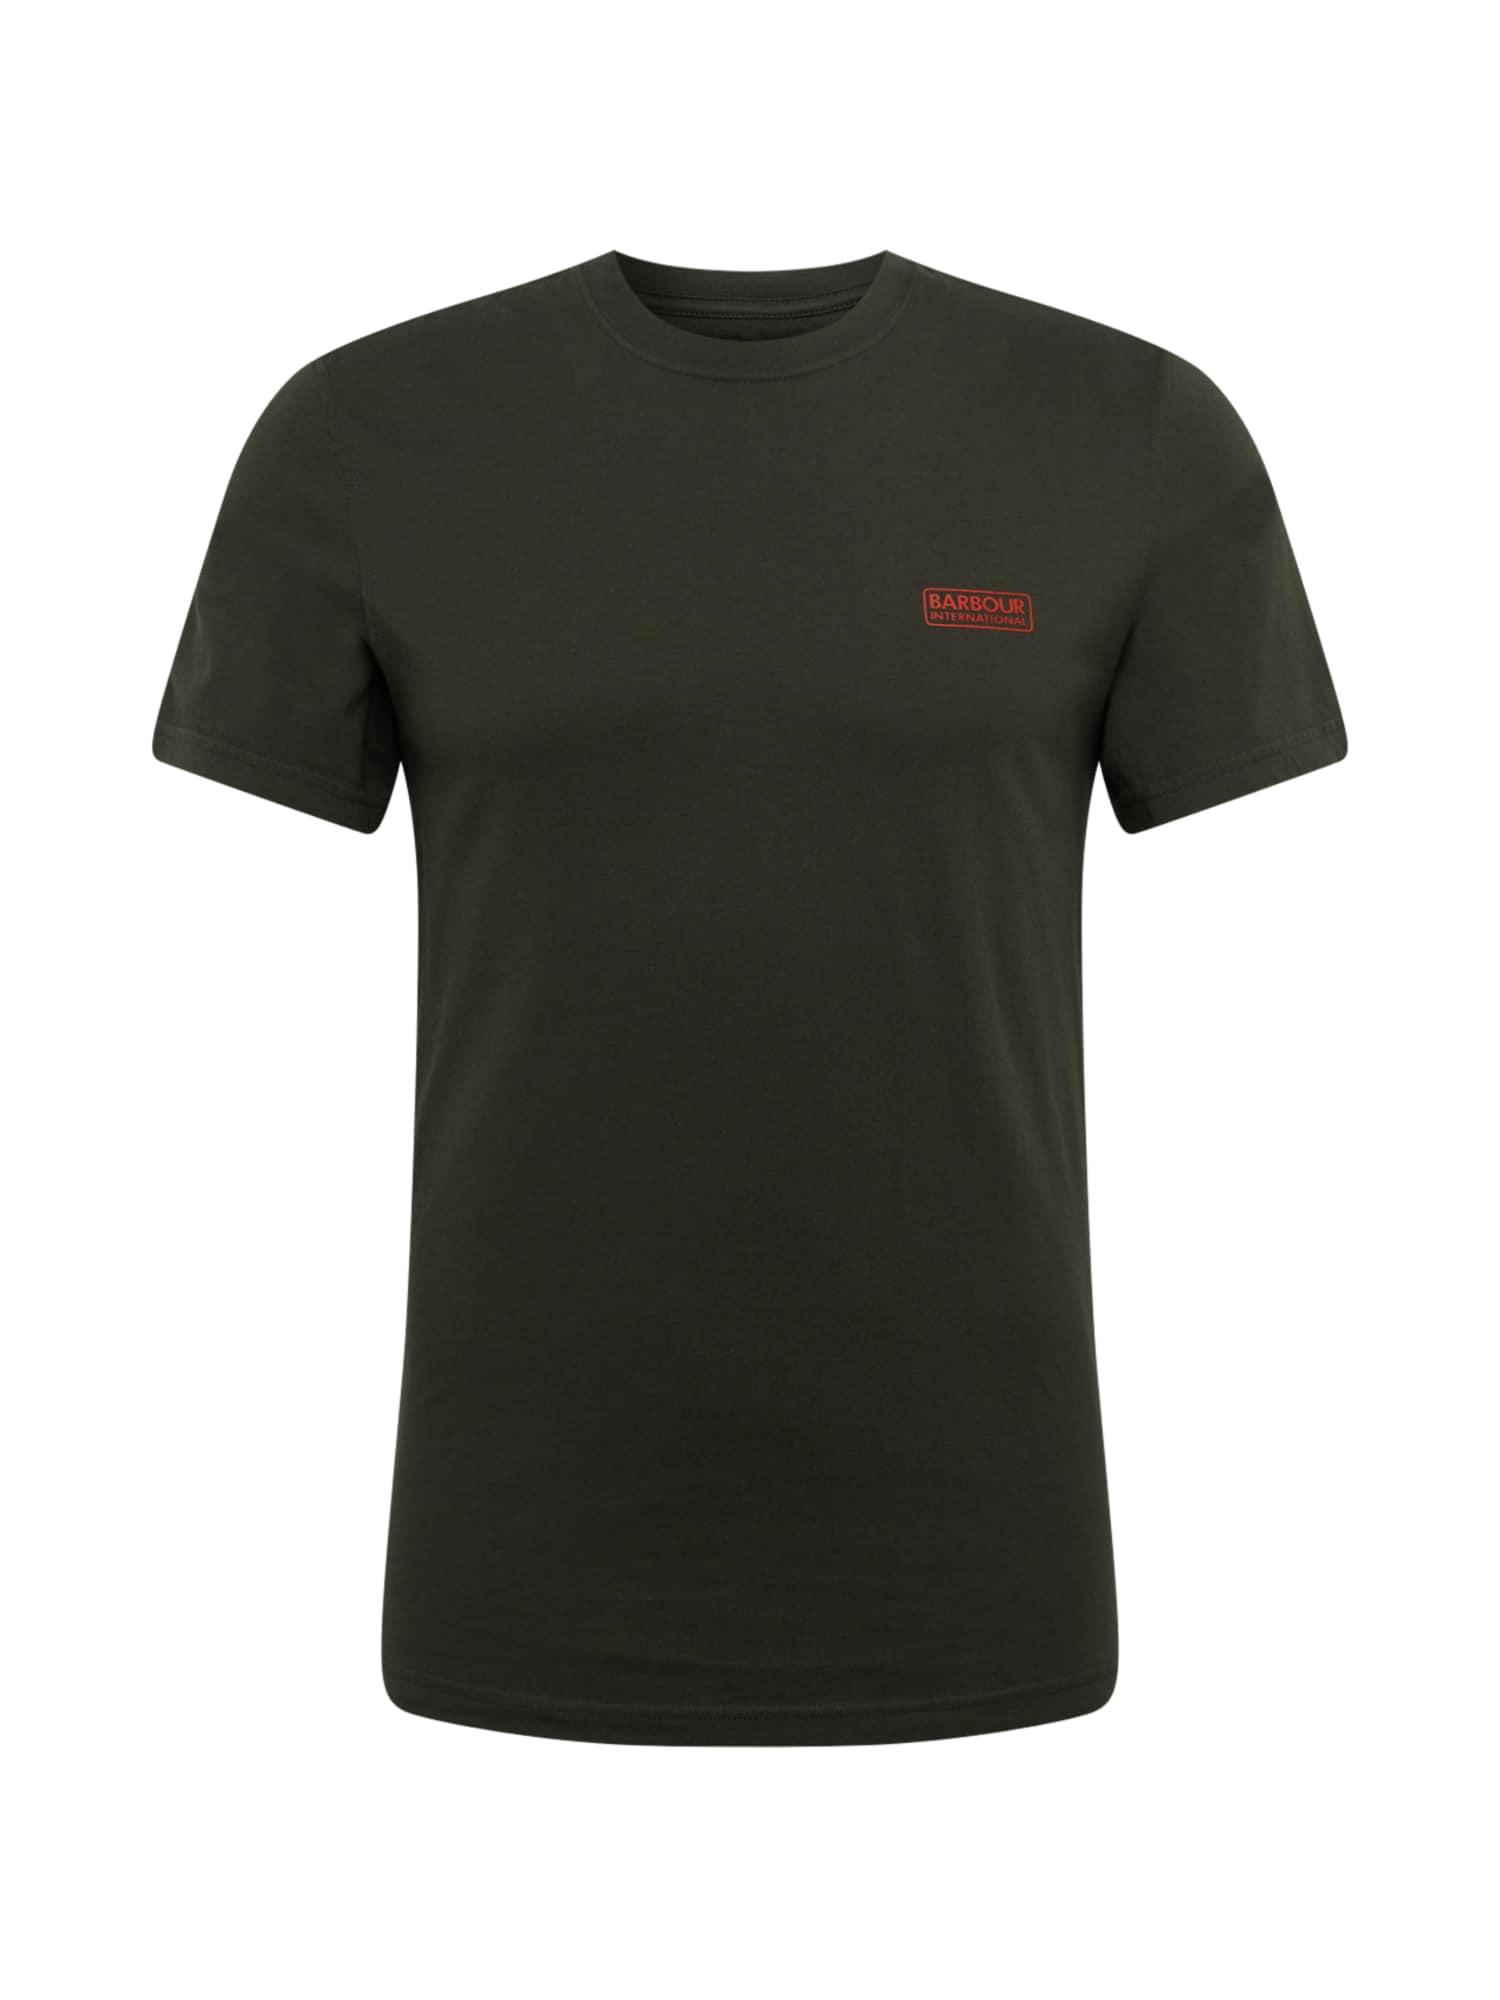 Barbour International Marškinėliai 'International Small Logo Tee' tamsiai žalia